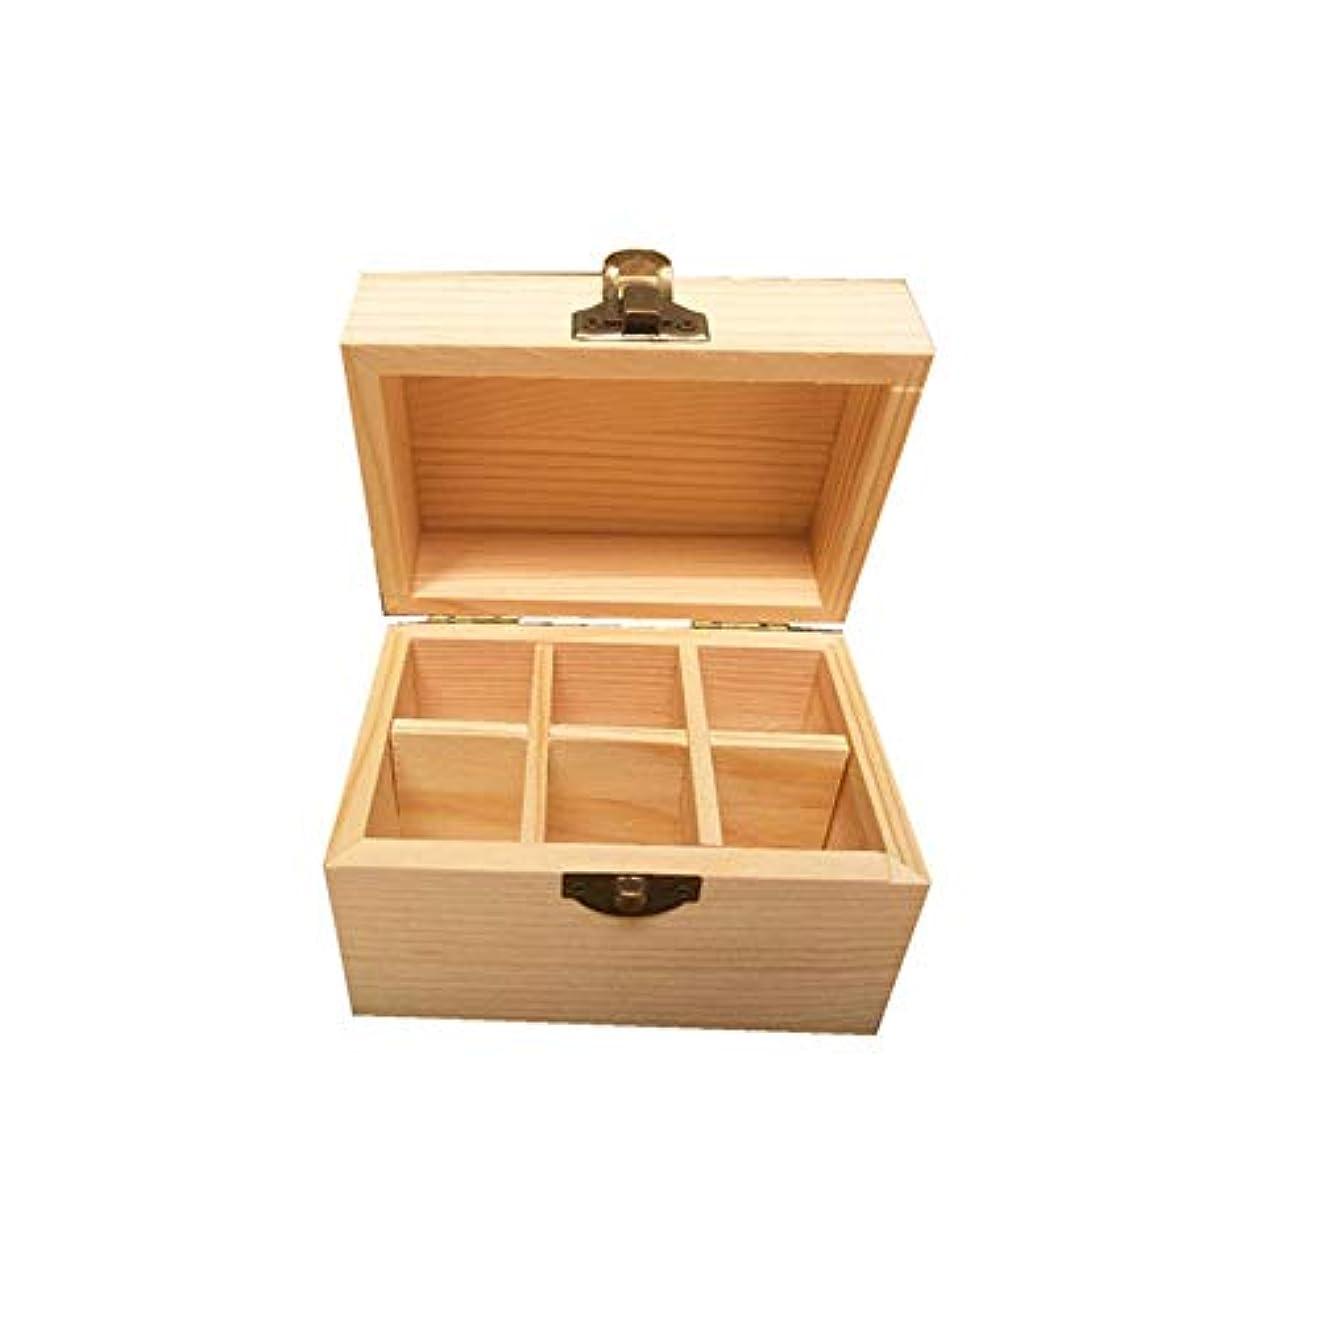 結論要求牛エッセンシャルオイルストレージボックス 6ボトル木製エッセンシャルオイルストレージボックスパーフェクトエッセンシャルオイルケース 旅行およびプレゼンテーション用 (色 : Natural, サイズ : 12X8X8.5CM)